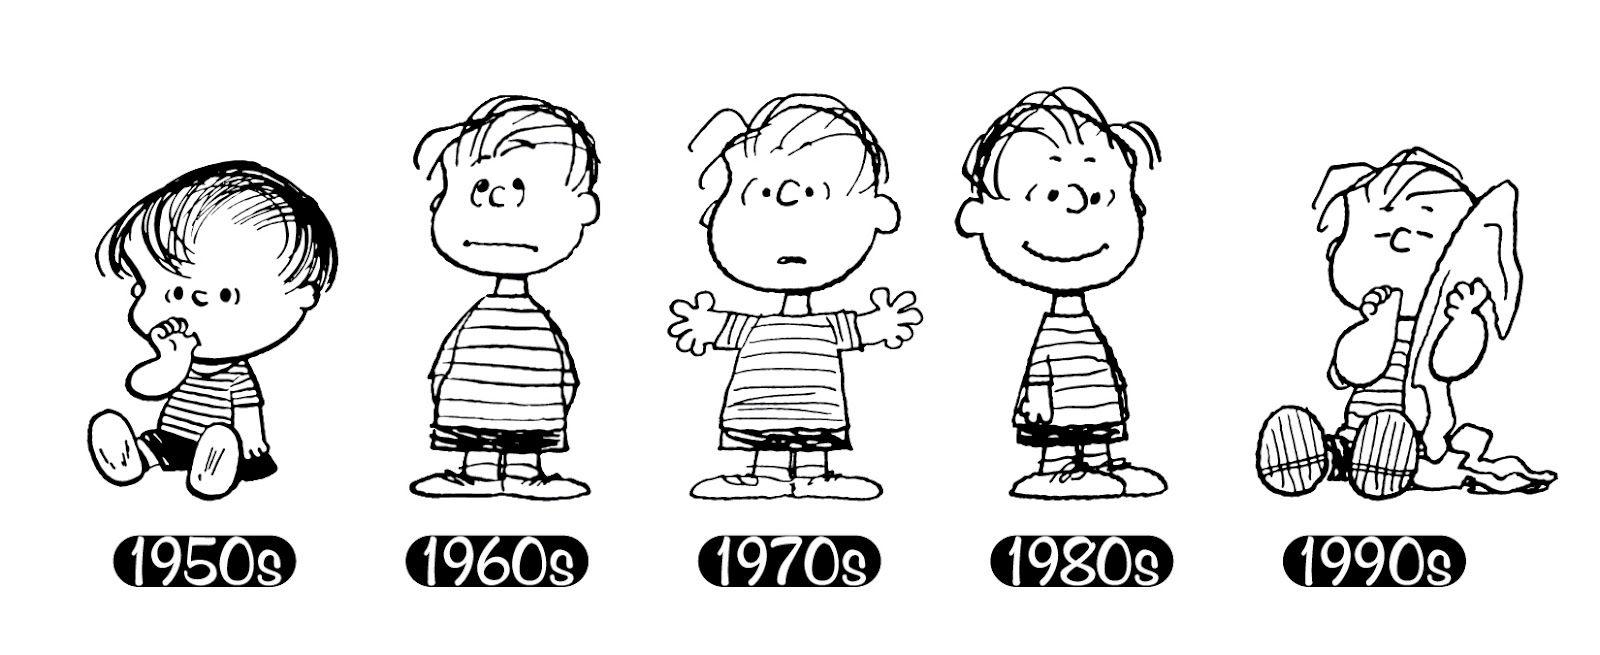 Linus From Peanuts Quotes QuotesGram  Art  Pinterest  Peanuts